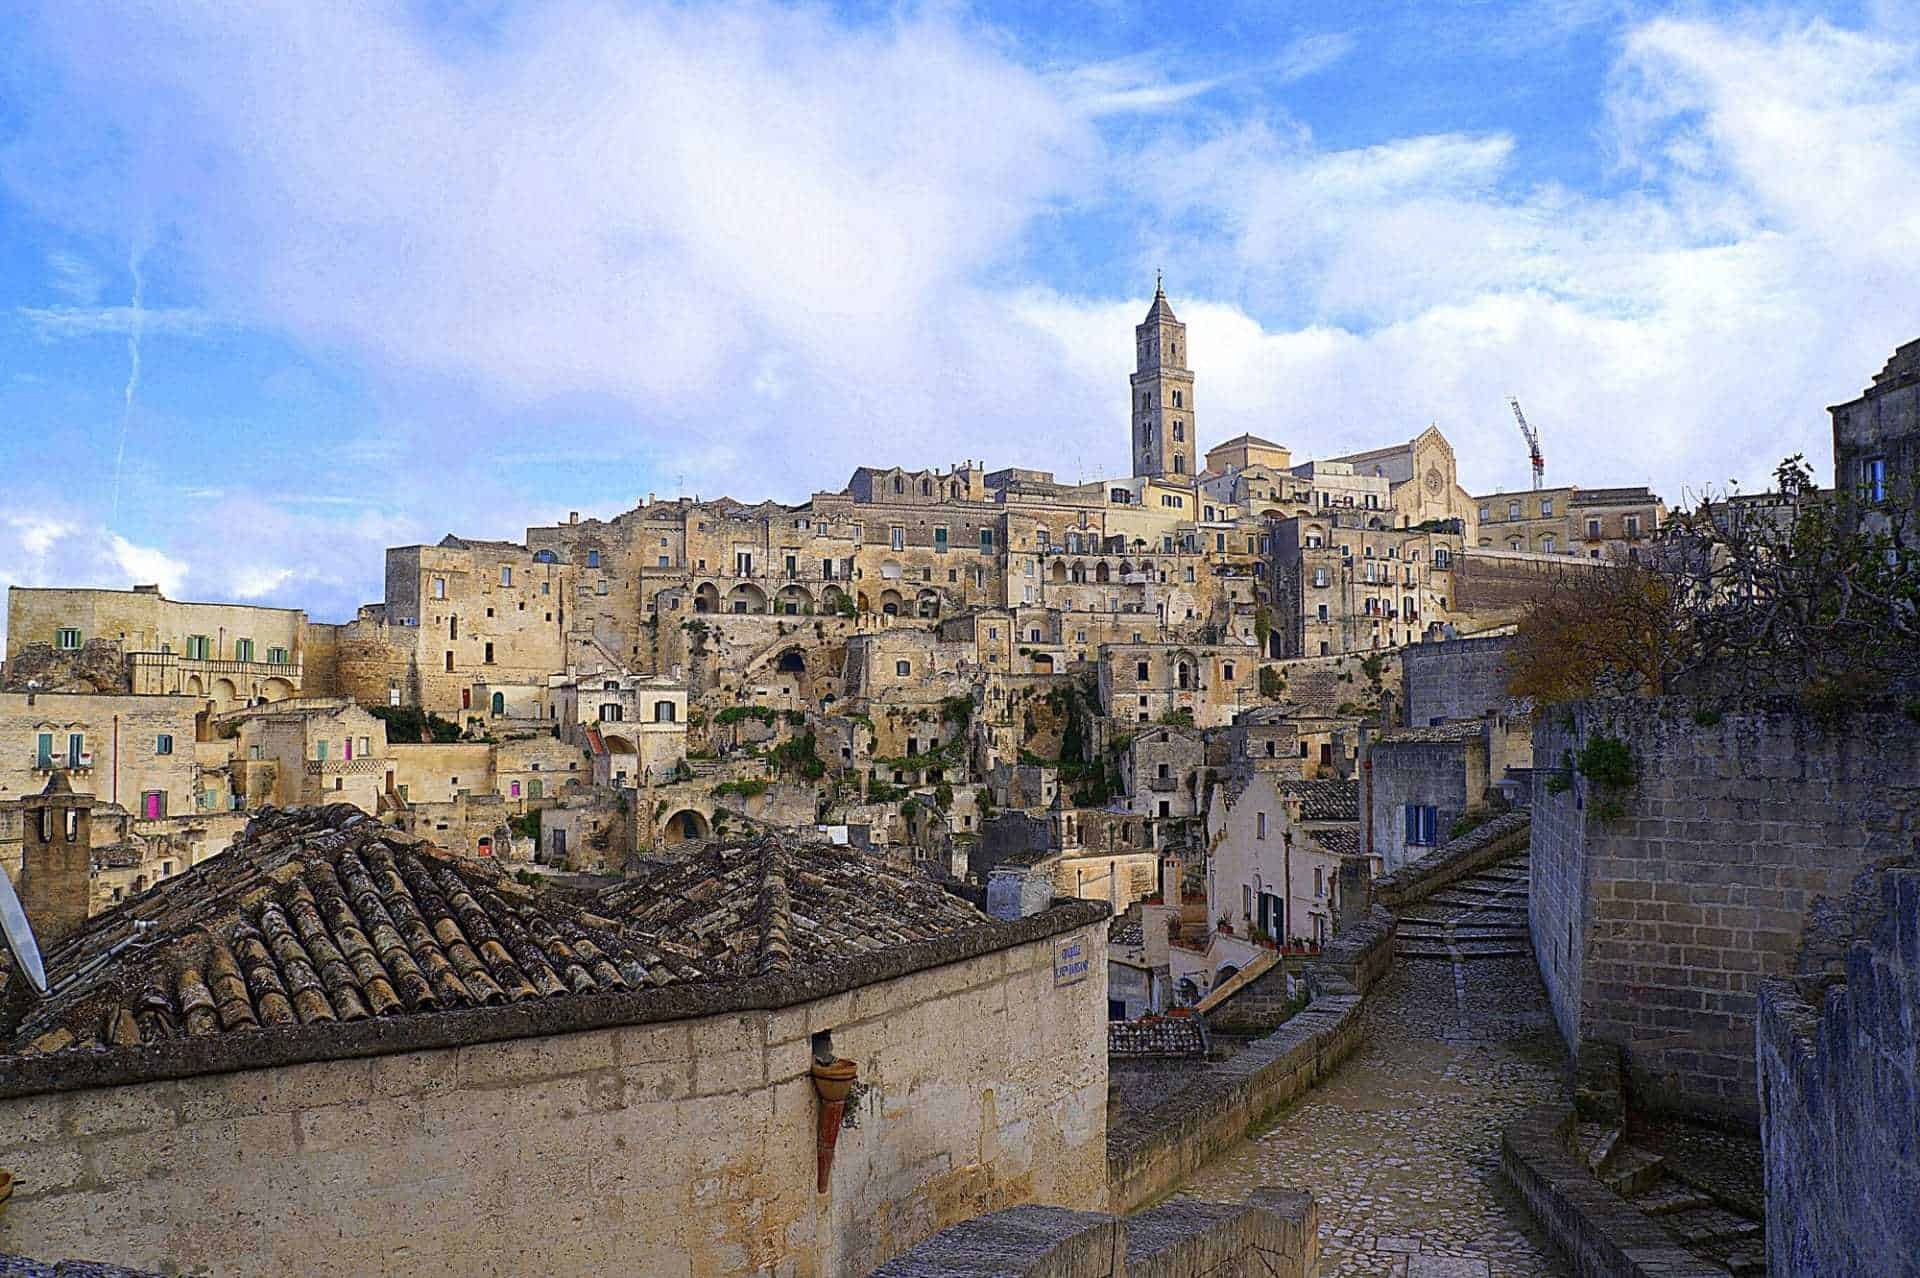 Cosa vedere a Matera: un giorno nella Città dei Sassi